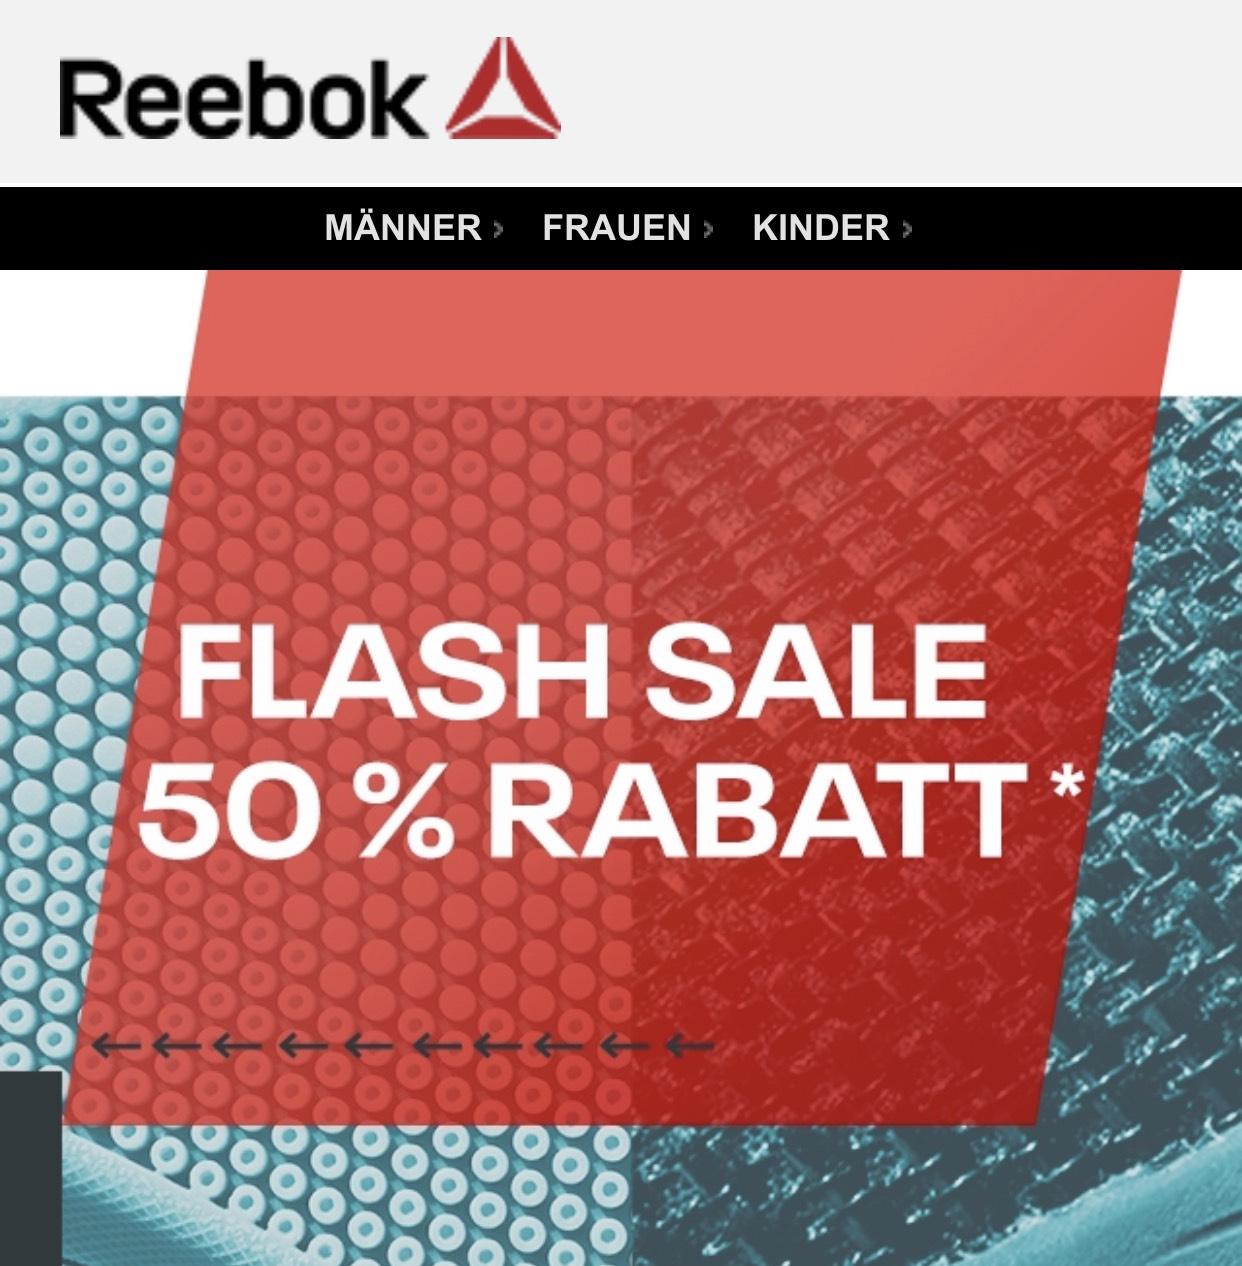 aeee78d55160 Reebok Angebote   Deals ⇒ März 2019 - mydealz.de